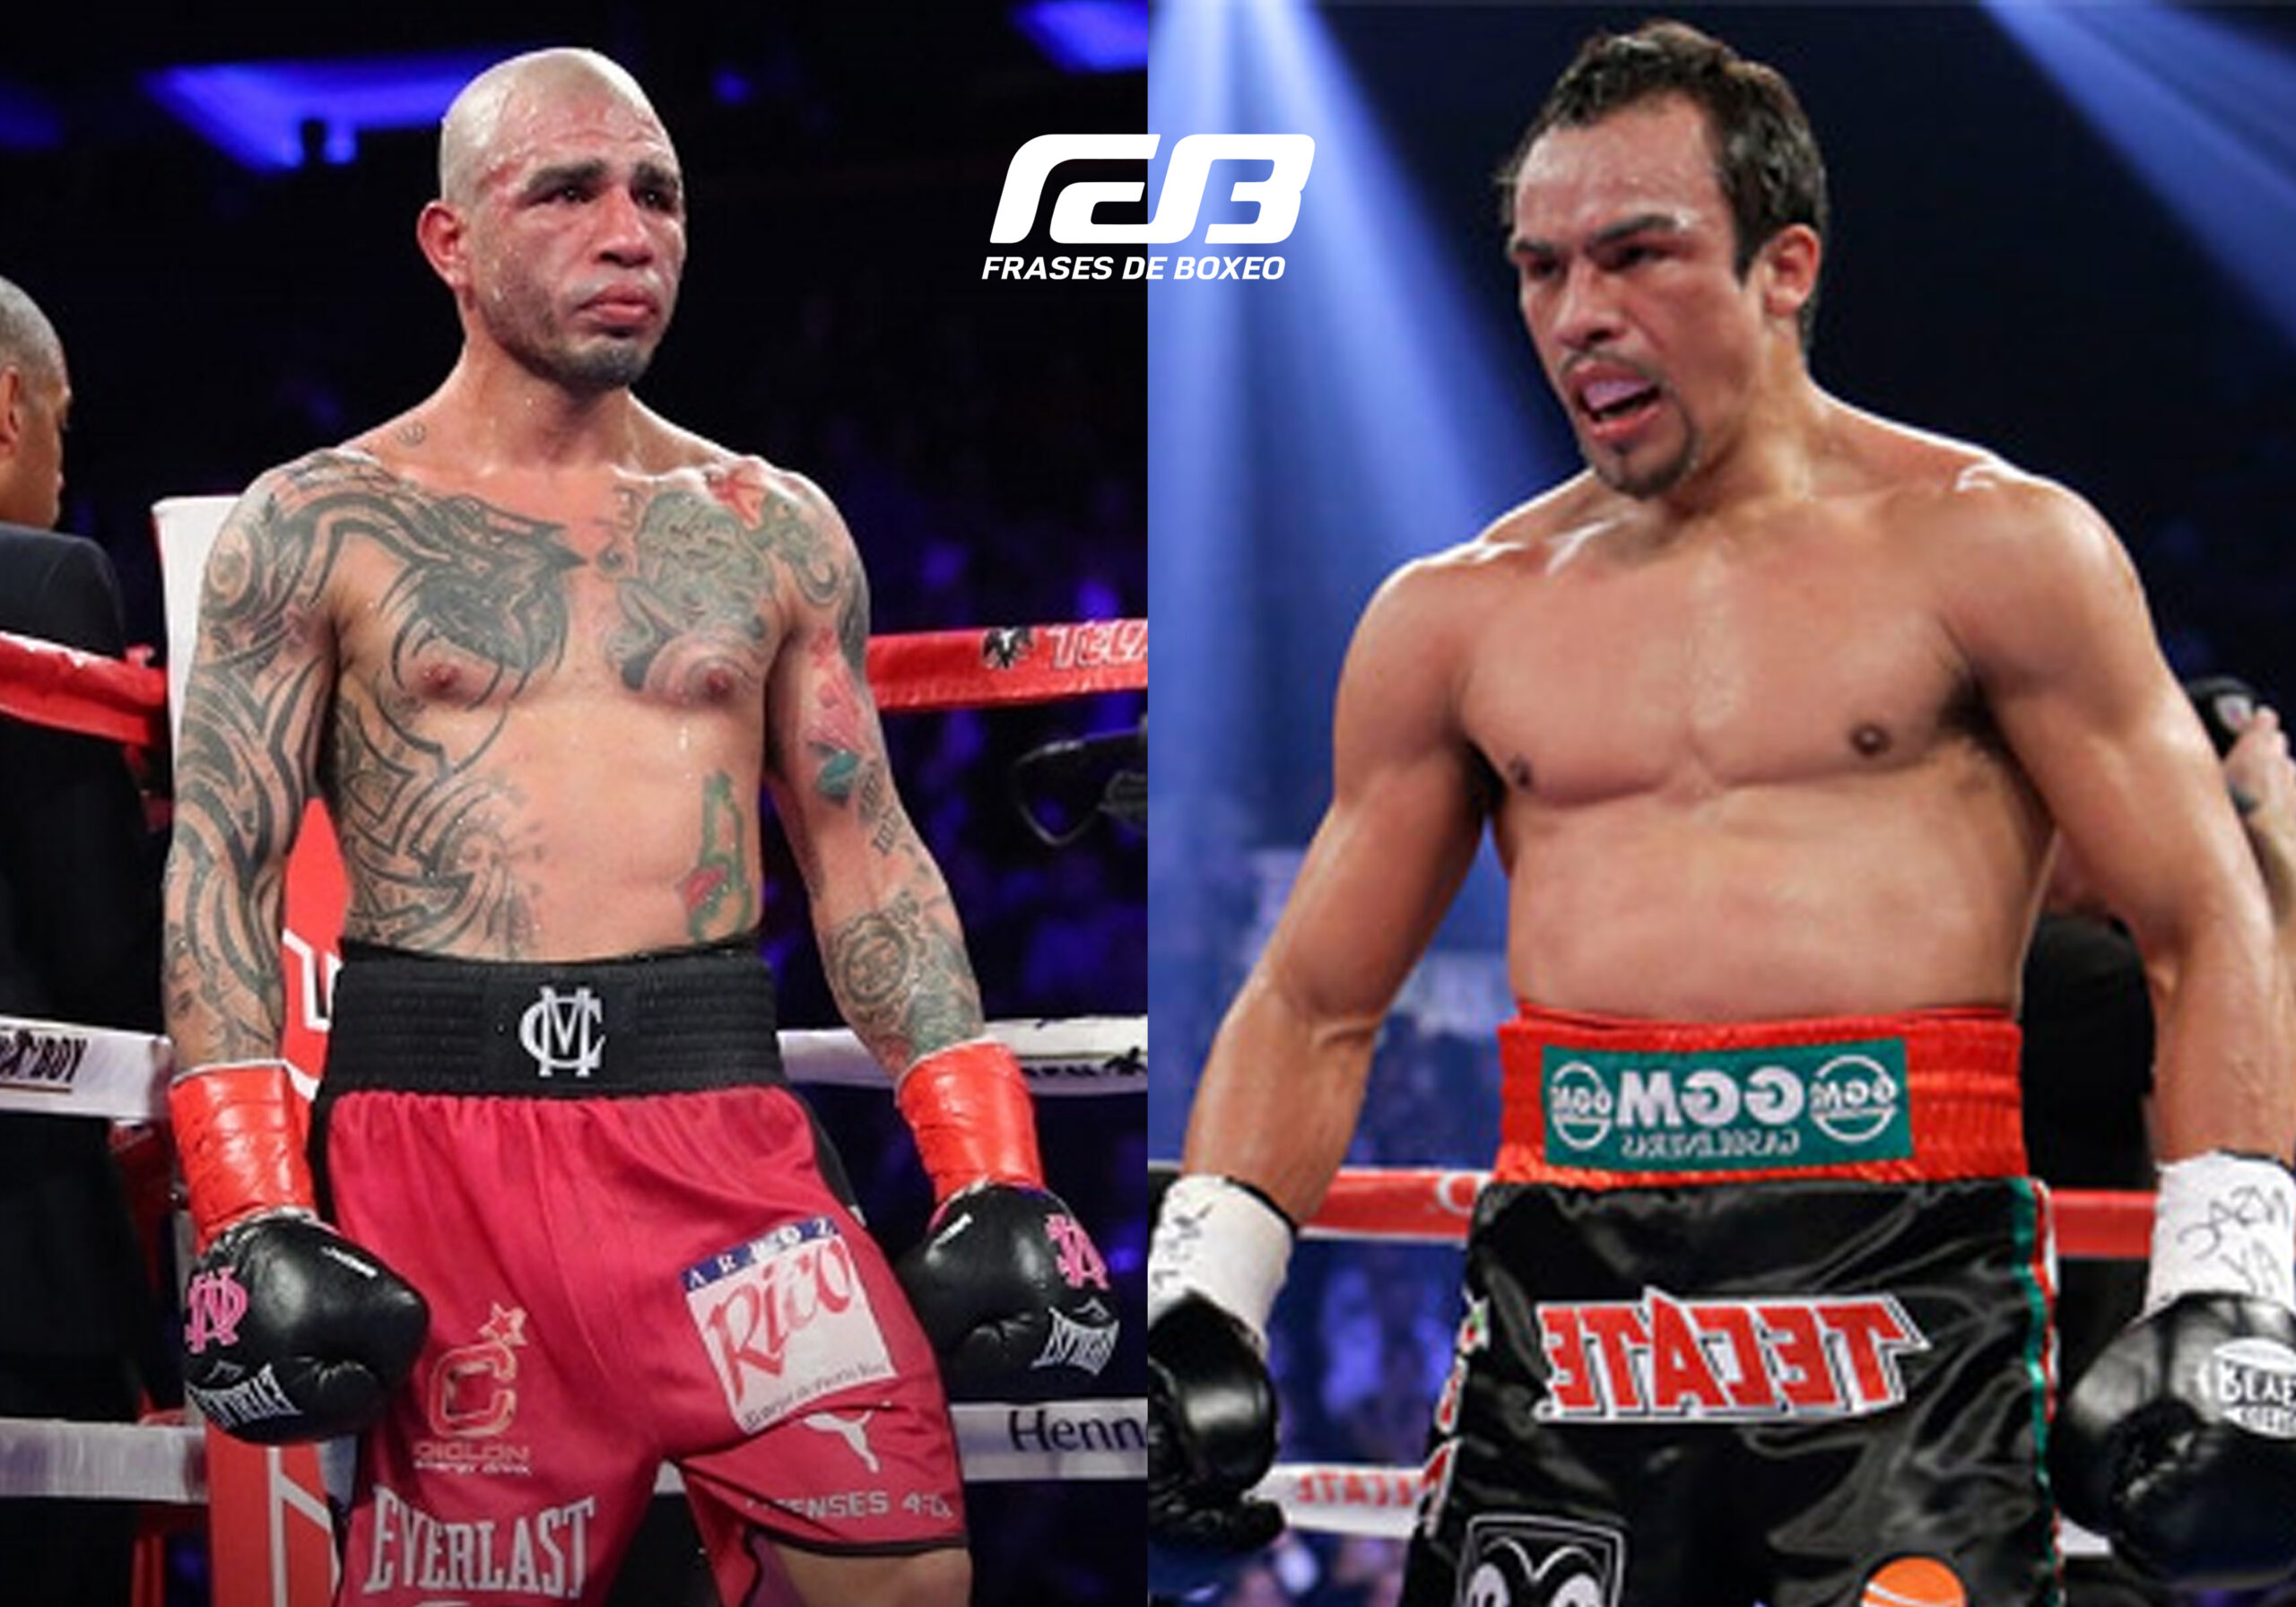 Miguel Cotto enfrentará a Juan Manuel 'Dinamita' Márquez en un pleito de exhibición que, todo indica, se dará el próximo 12 de junio.